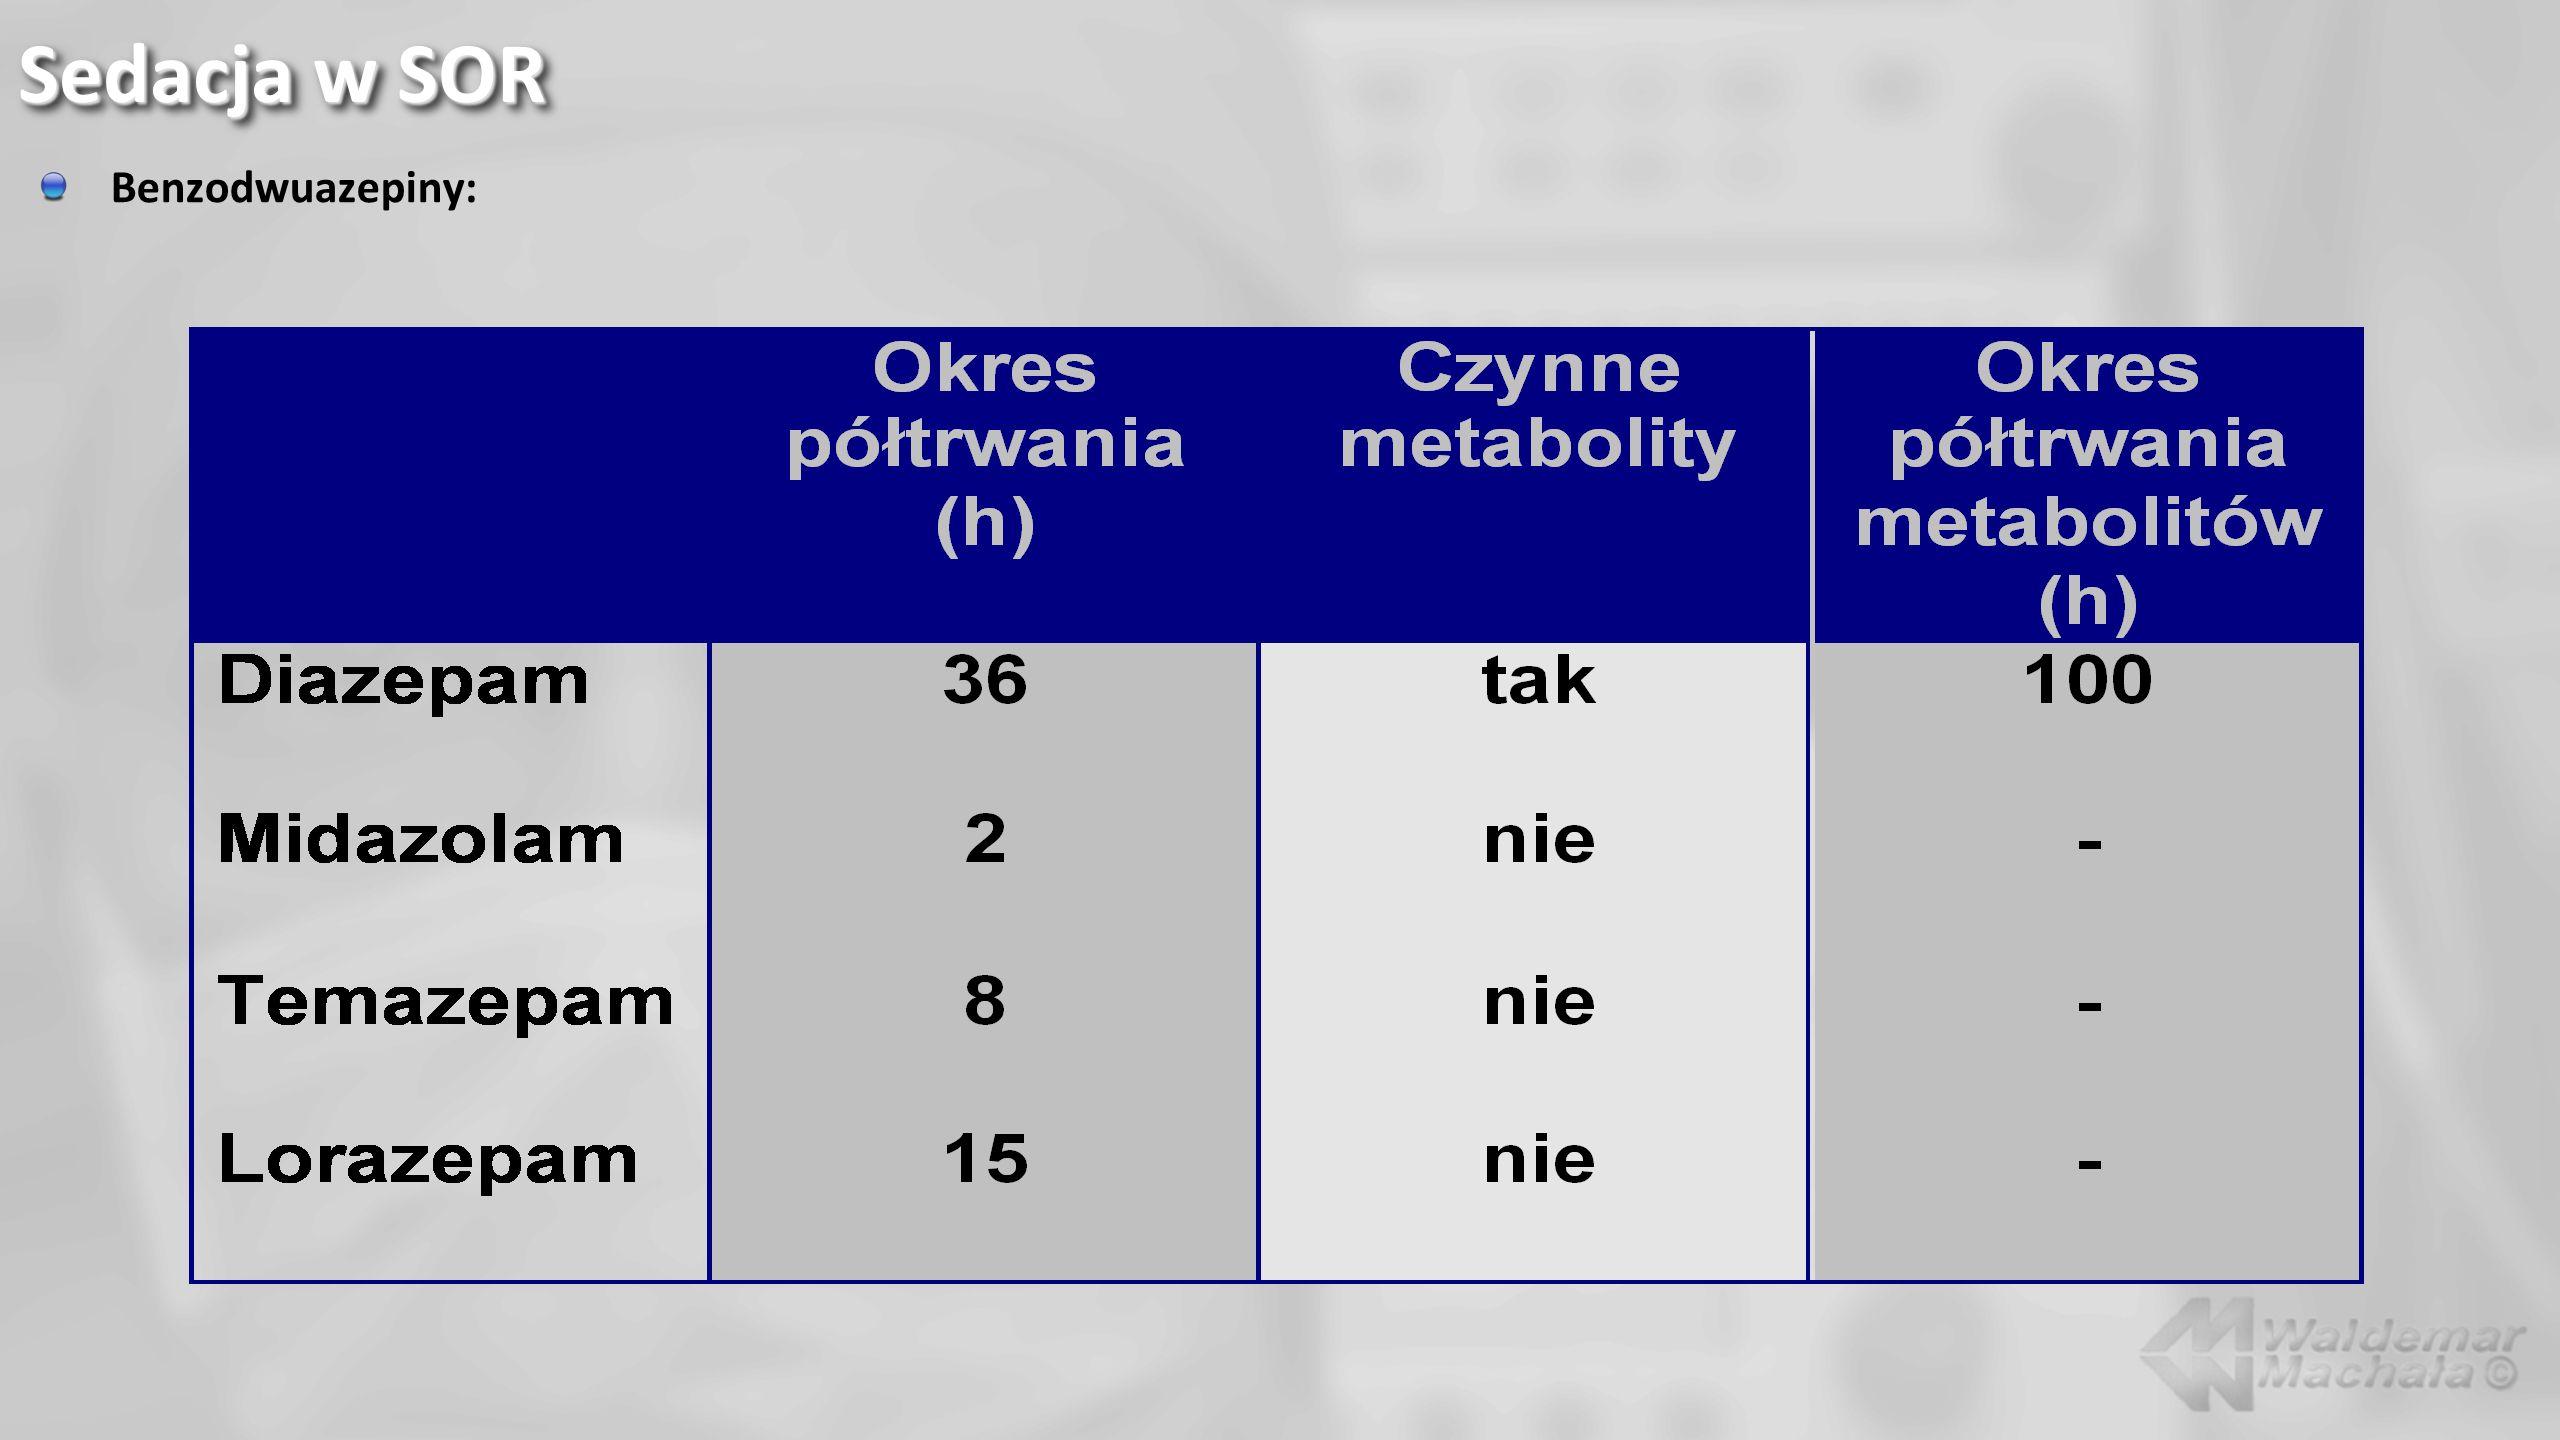 Benzodwuazepiny: Sedacja w SOR